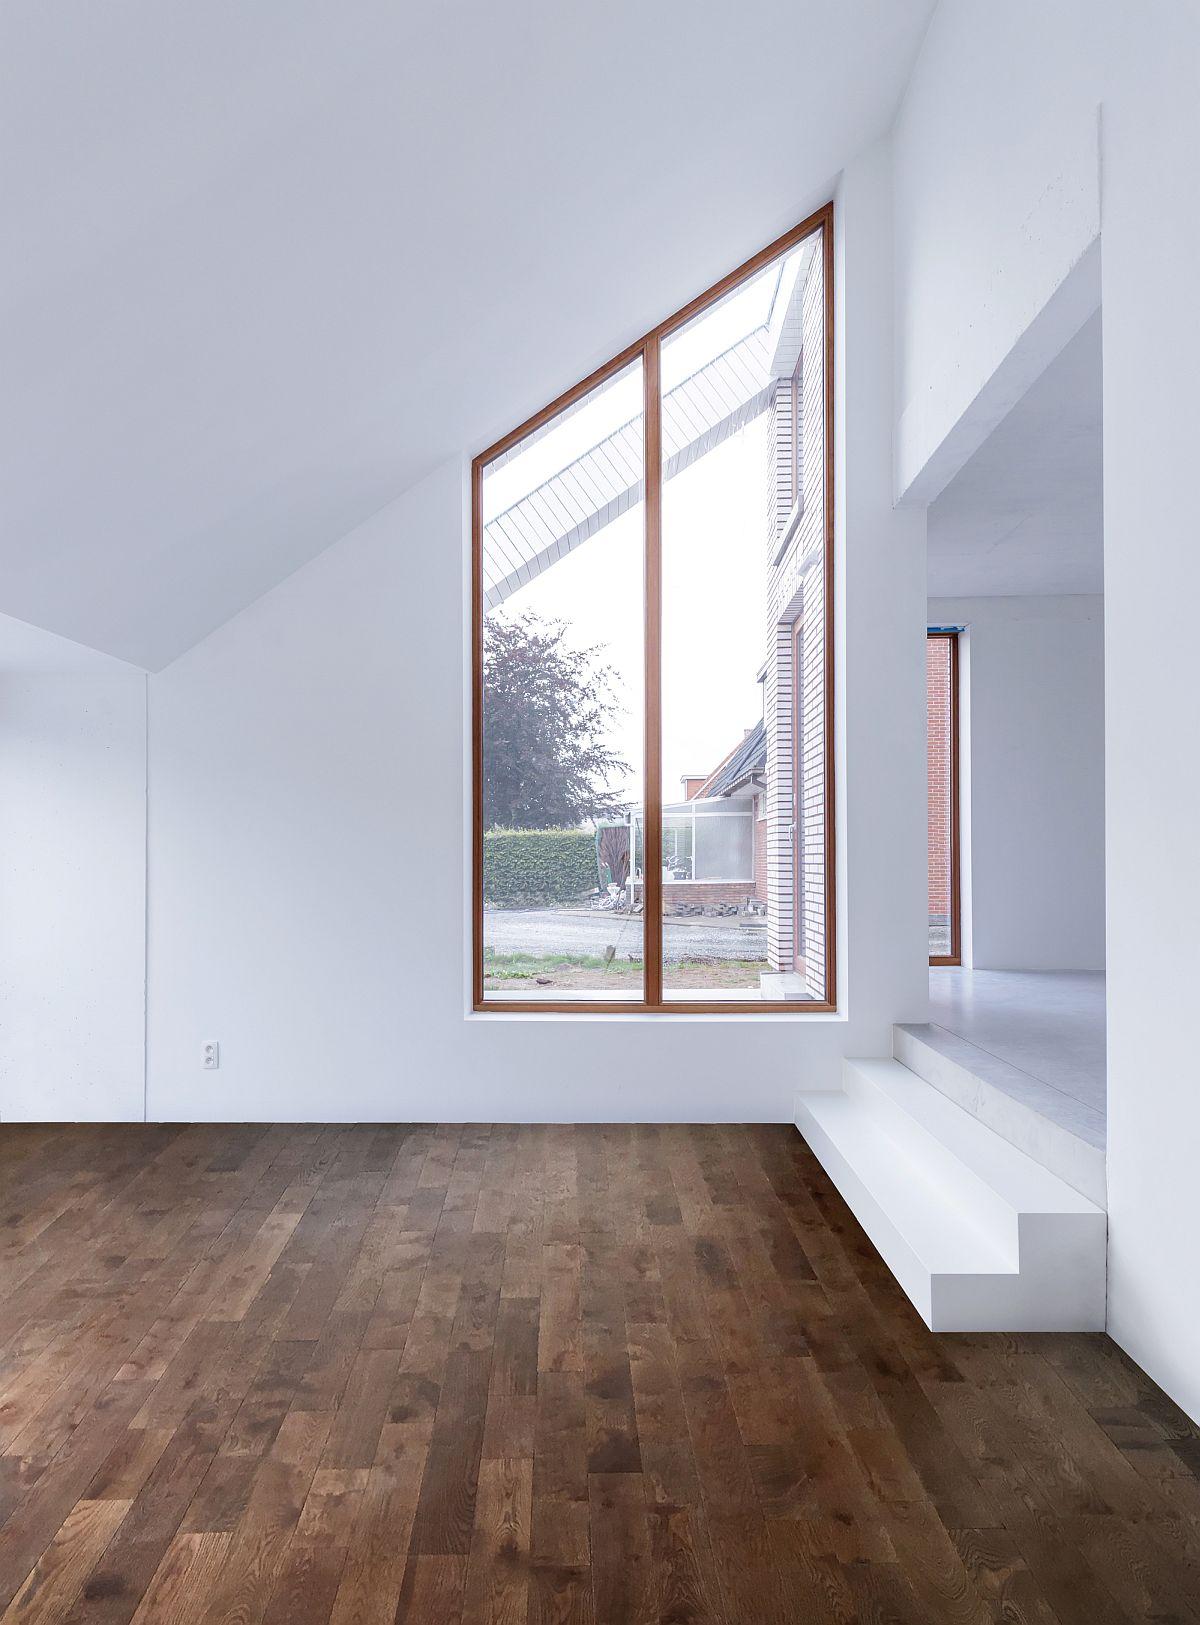 Ngôi nhà với vẻ đẹp bí ẩn khiến ai đi qua cũng tò mò vì ốp toàn bộ ngoại thất bằng gạch trắng kẻ đỏ - Ảnh 6.